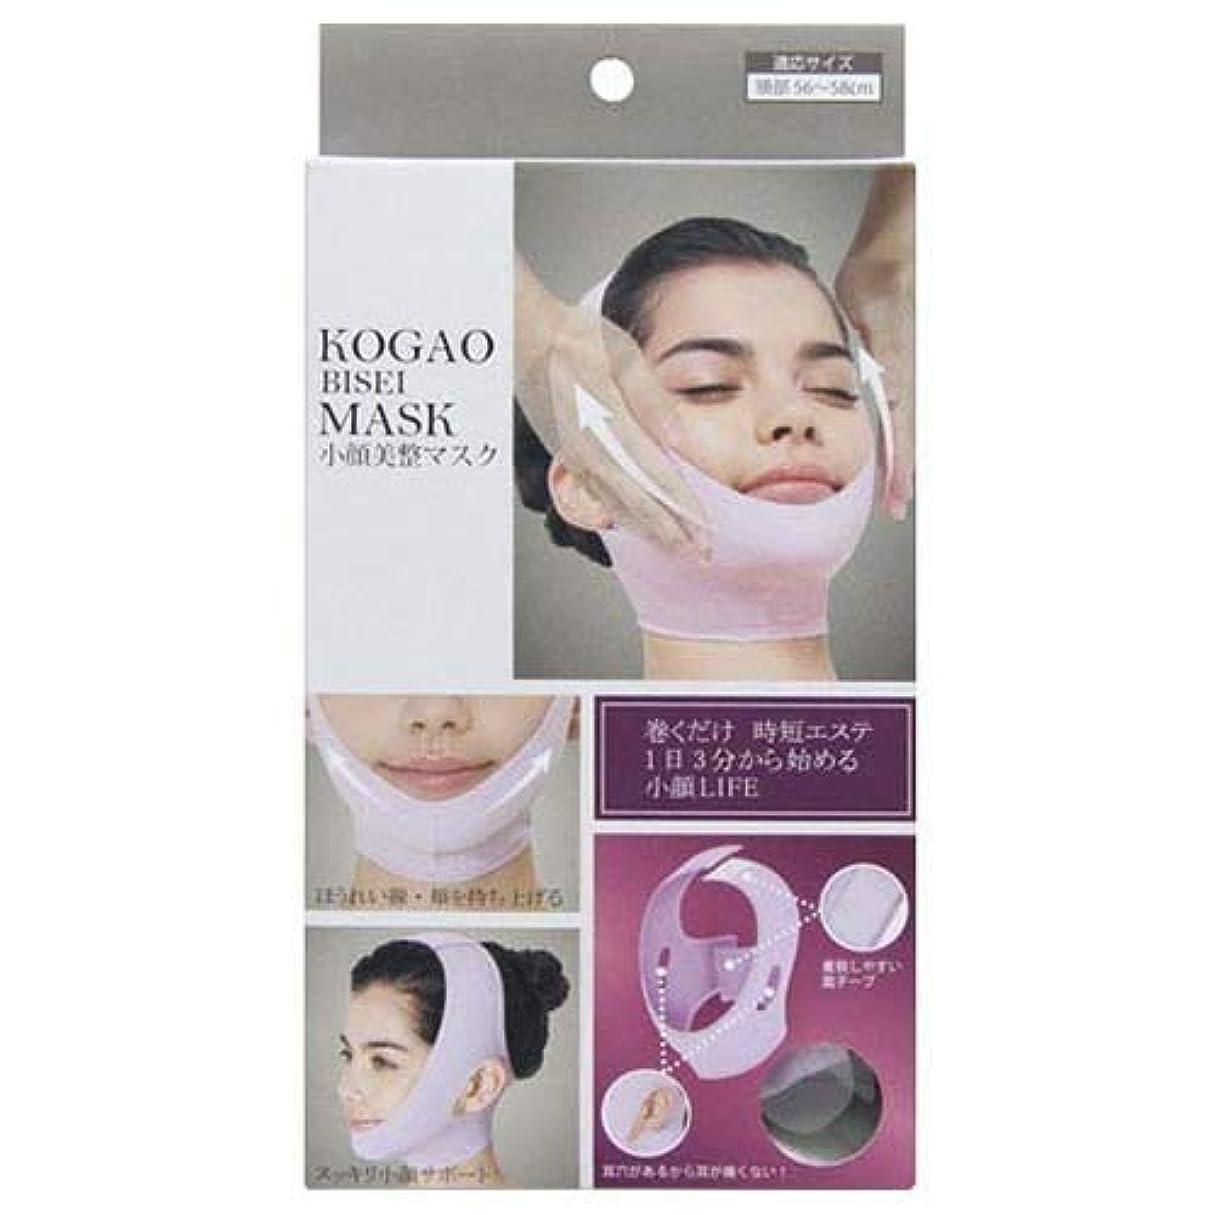 意味するビーム塊小顔美整マスク